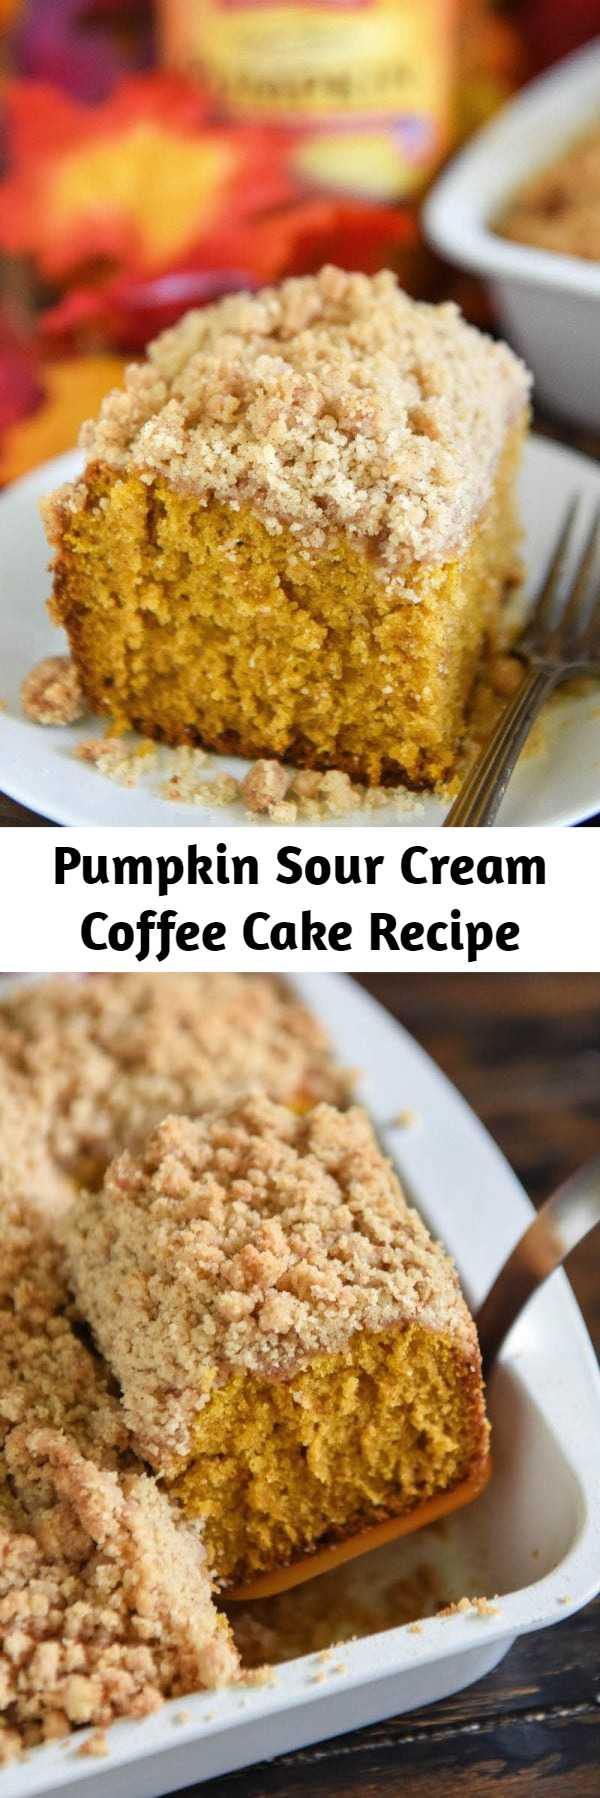 Pumpkin Sour Cream Coffee Cake Recipe Mom Secret Ingrediets Recipe In 2020 Sour Cream Recipes Coffee Cake Recipes Breakfast Coffee Cake